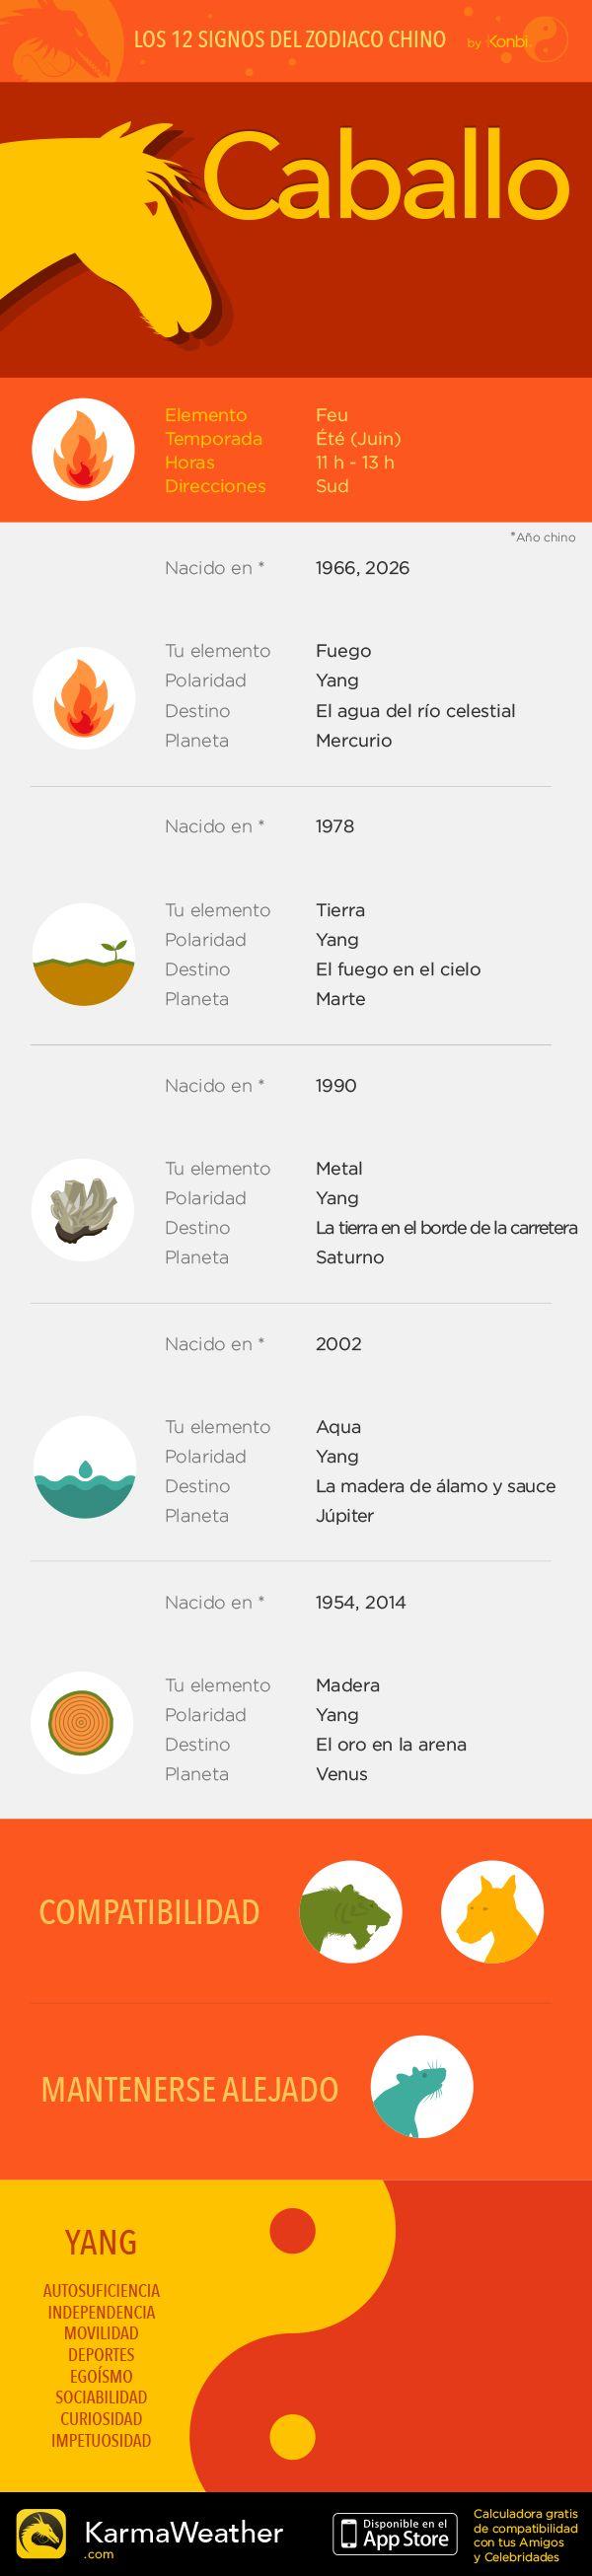 Horóscopo de los 12 signos del zodiaco chino: Caballo